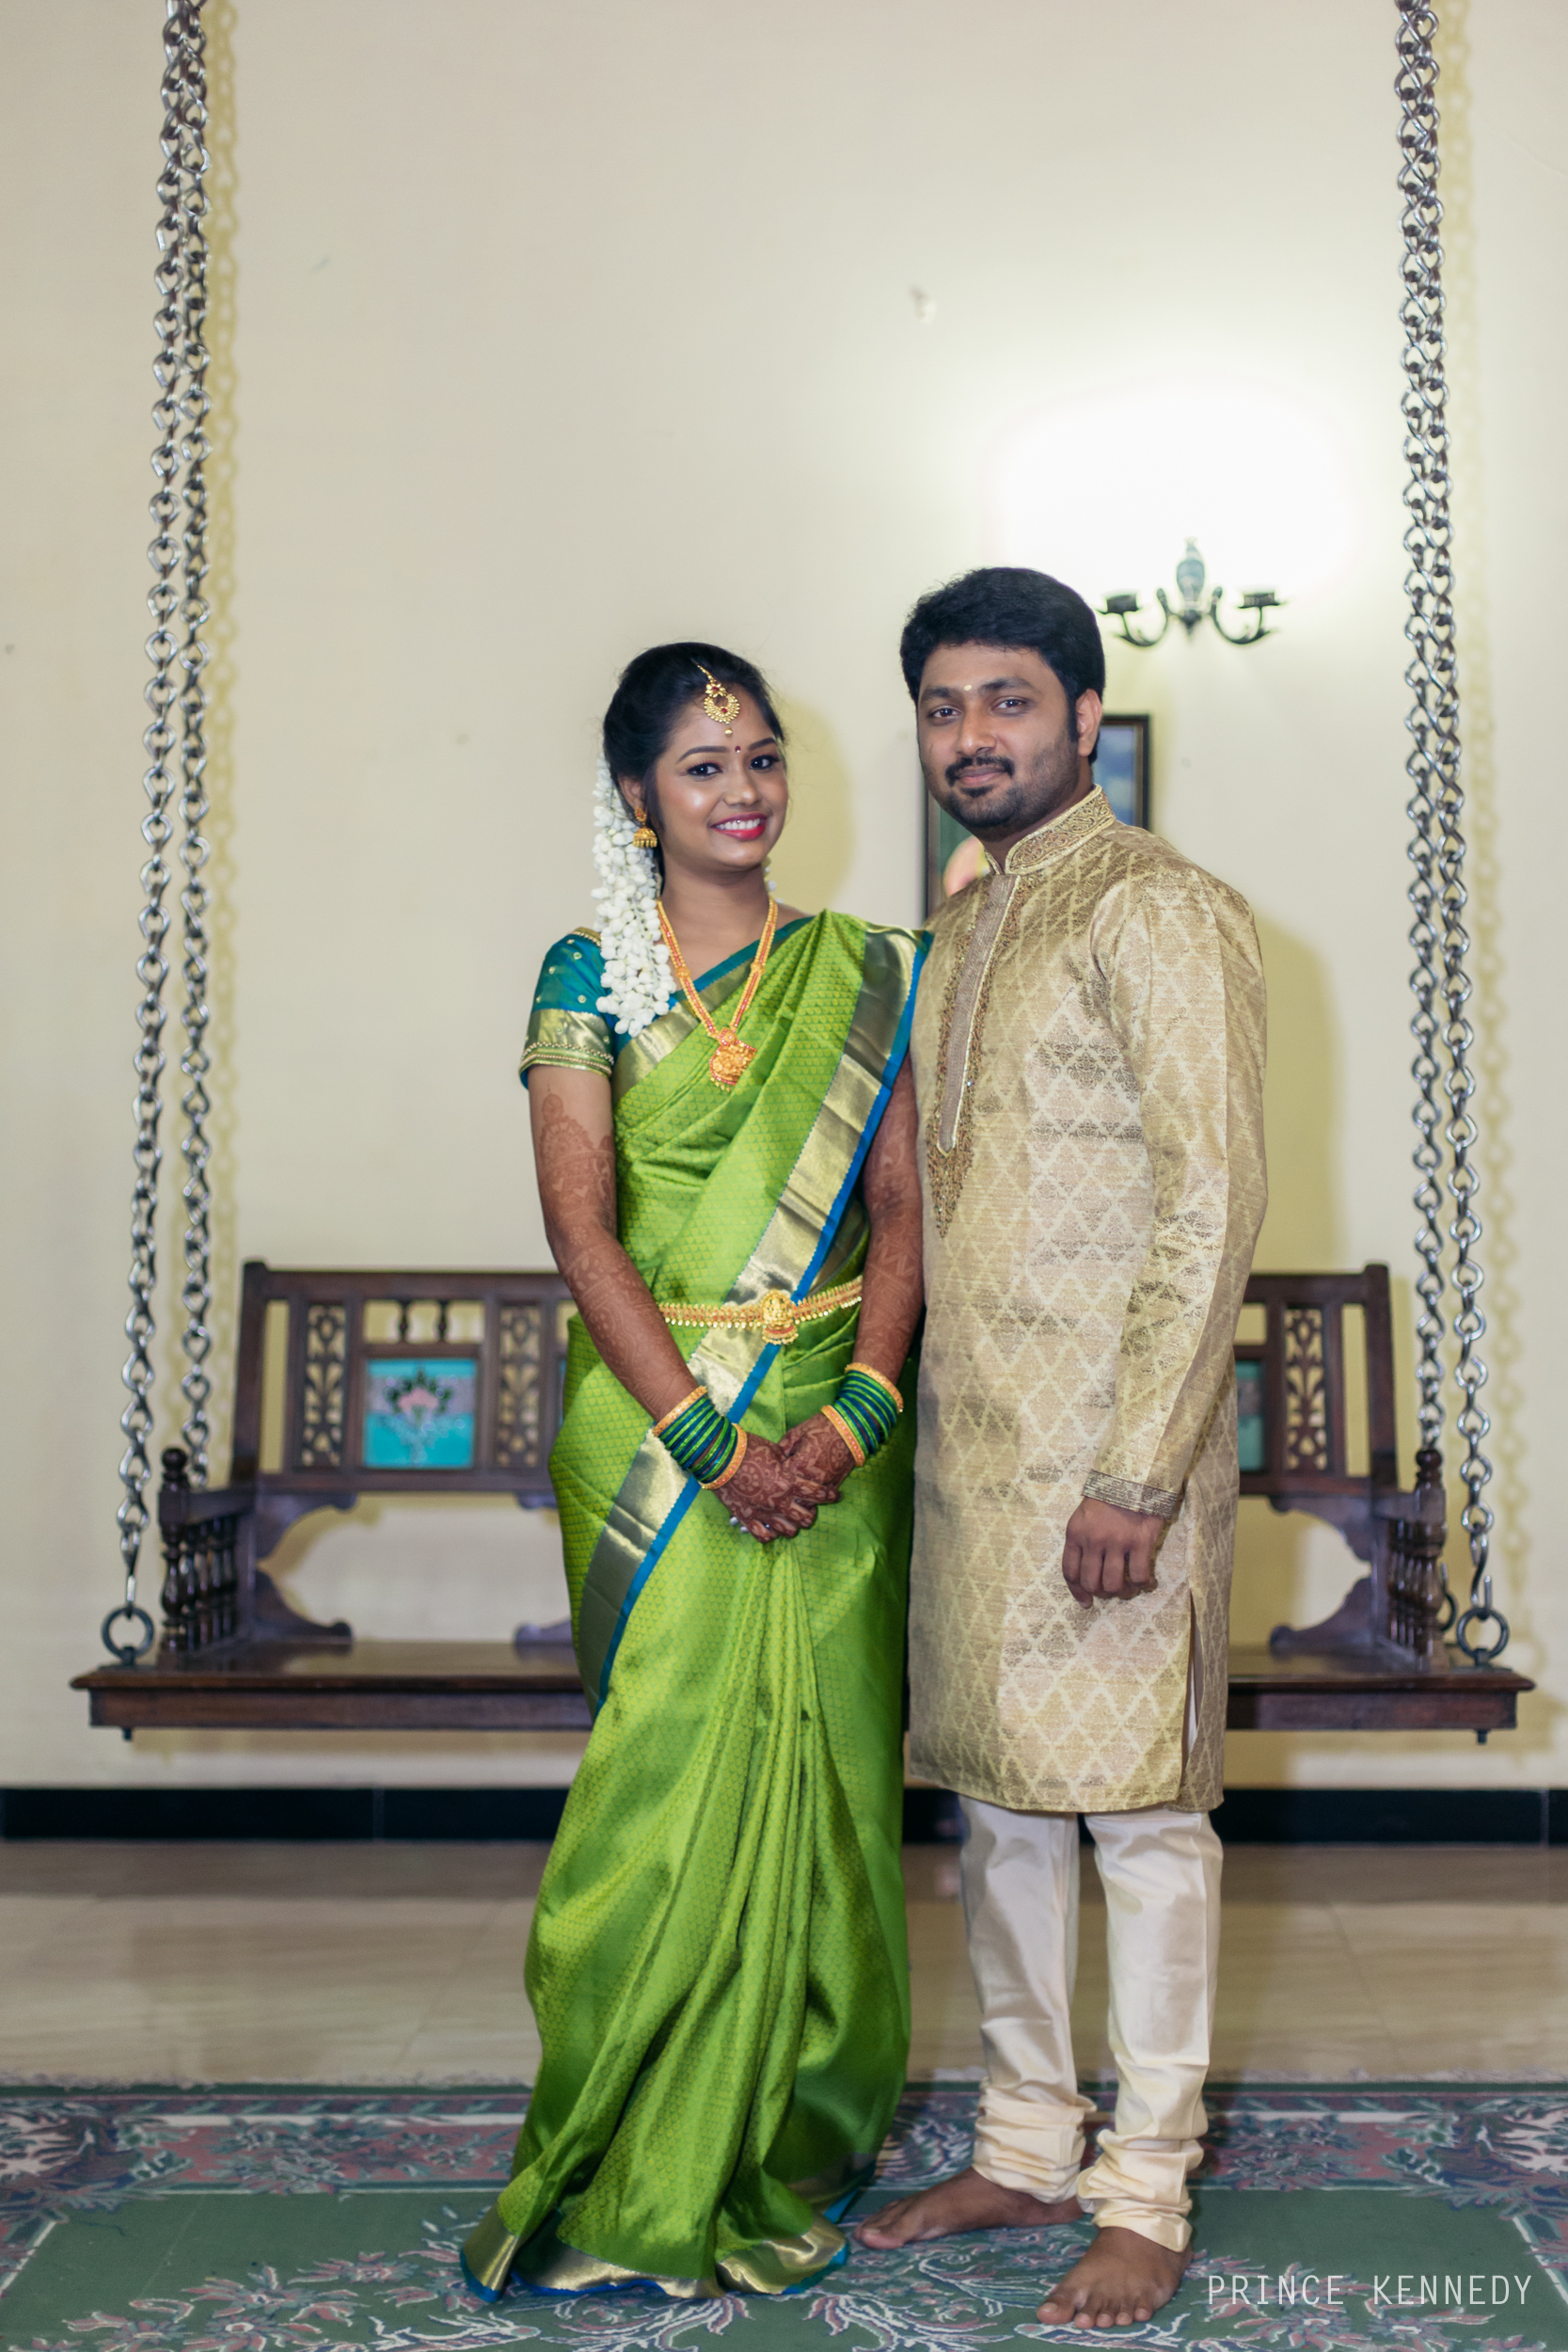 Engagement-Couple-Portrait-Portraiture-Wedding-Couple-Portrait-Chennai-Photographer-Candid-Photography-Destination-Best-Prince-Kennedy-Photography-192.jpg